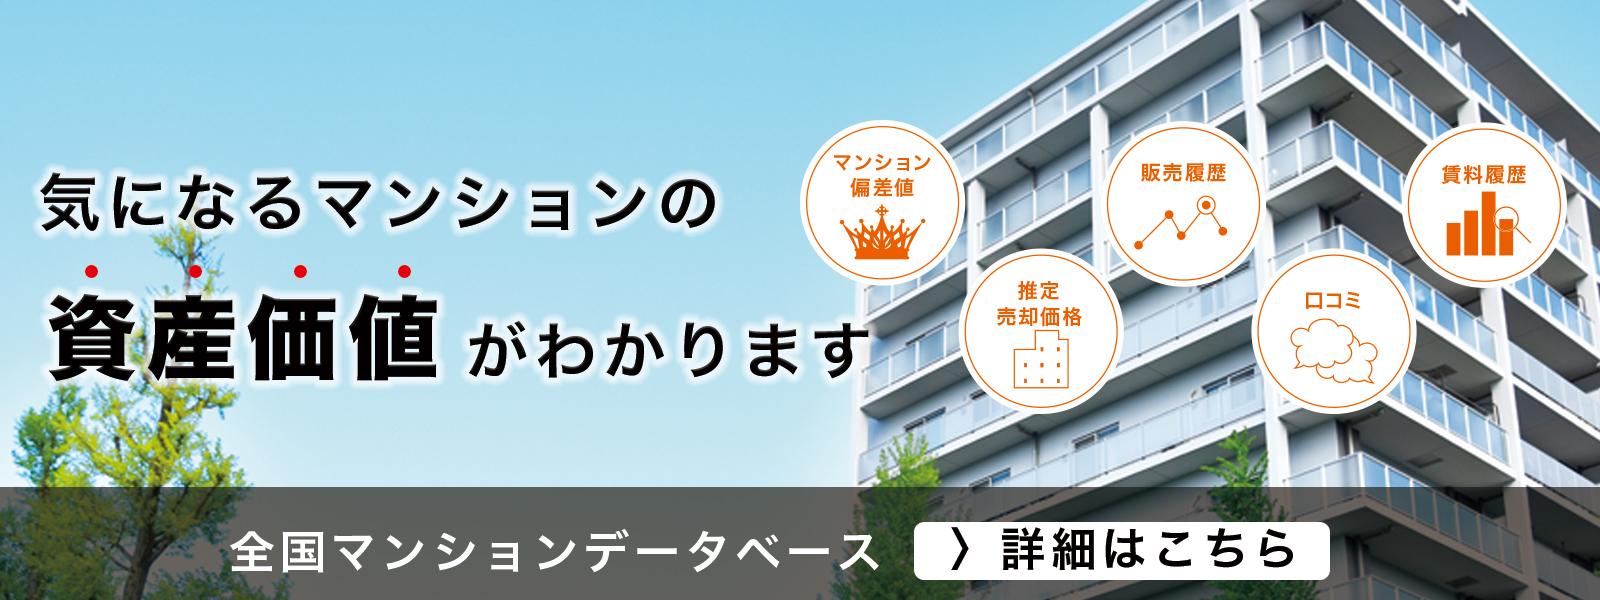 気になるマンションの資産価値がわかる!全国マンションデータベース